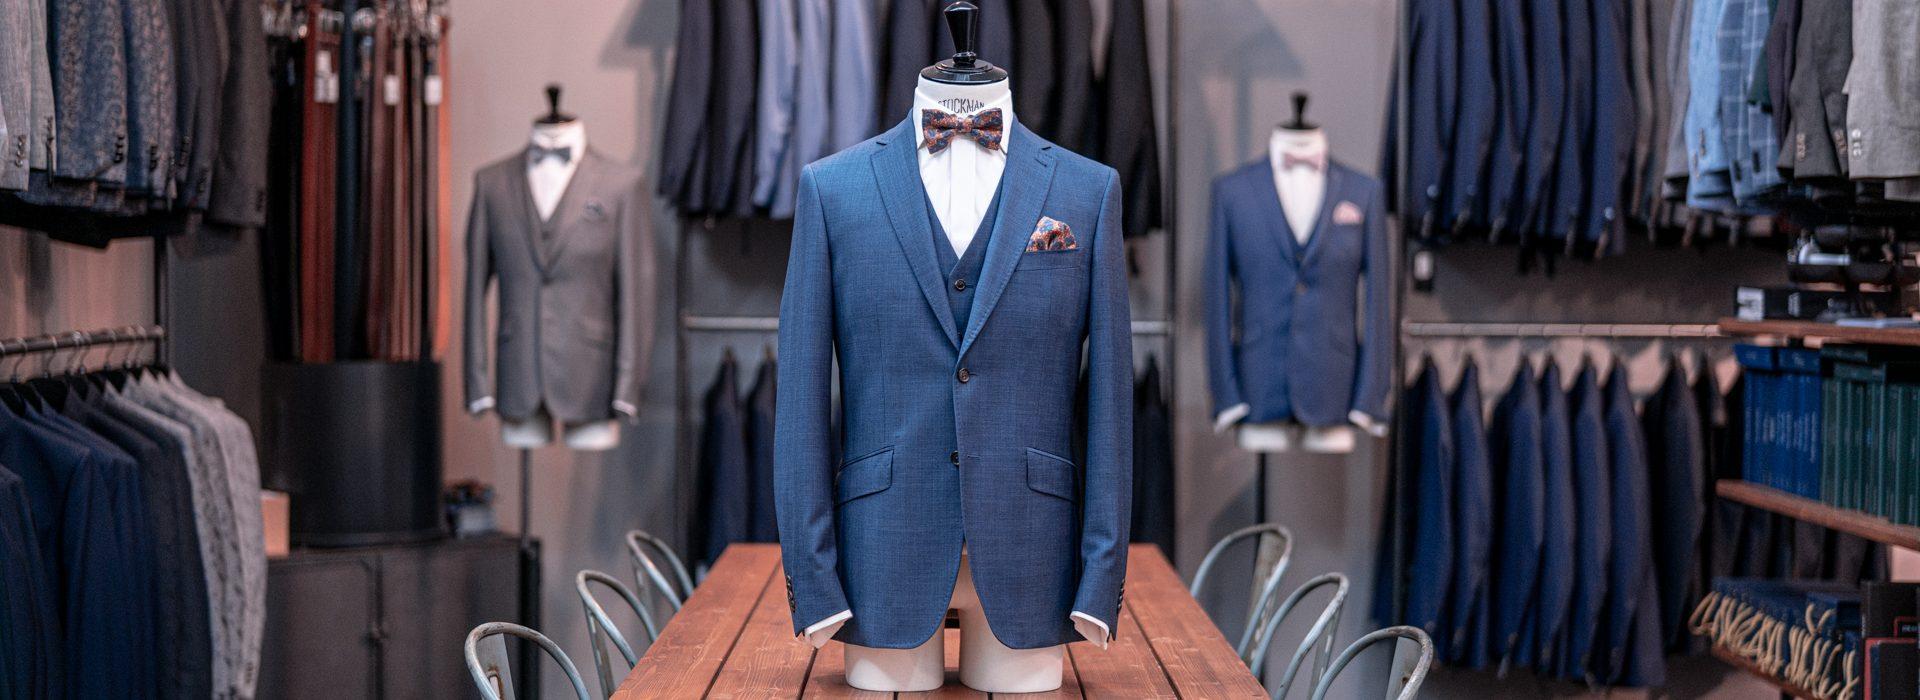 Blauer Hochzeitsanzug auf Tisch im DU4 Store in Mönchengladbach